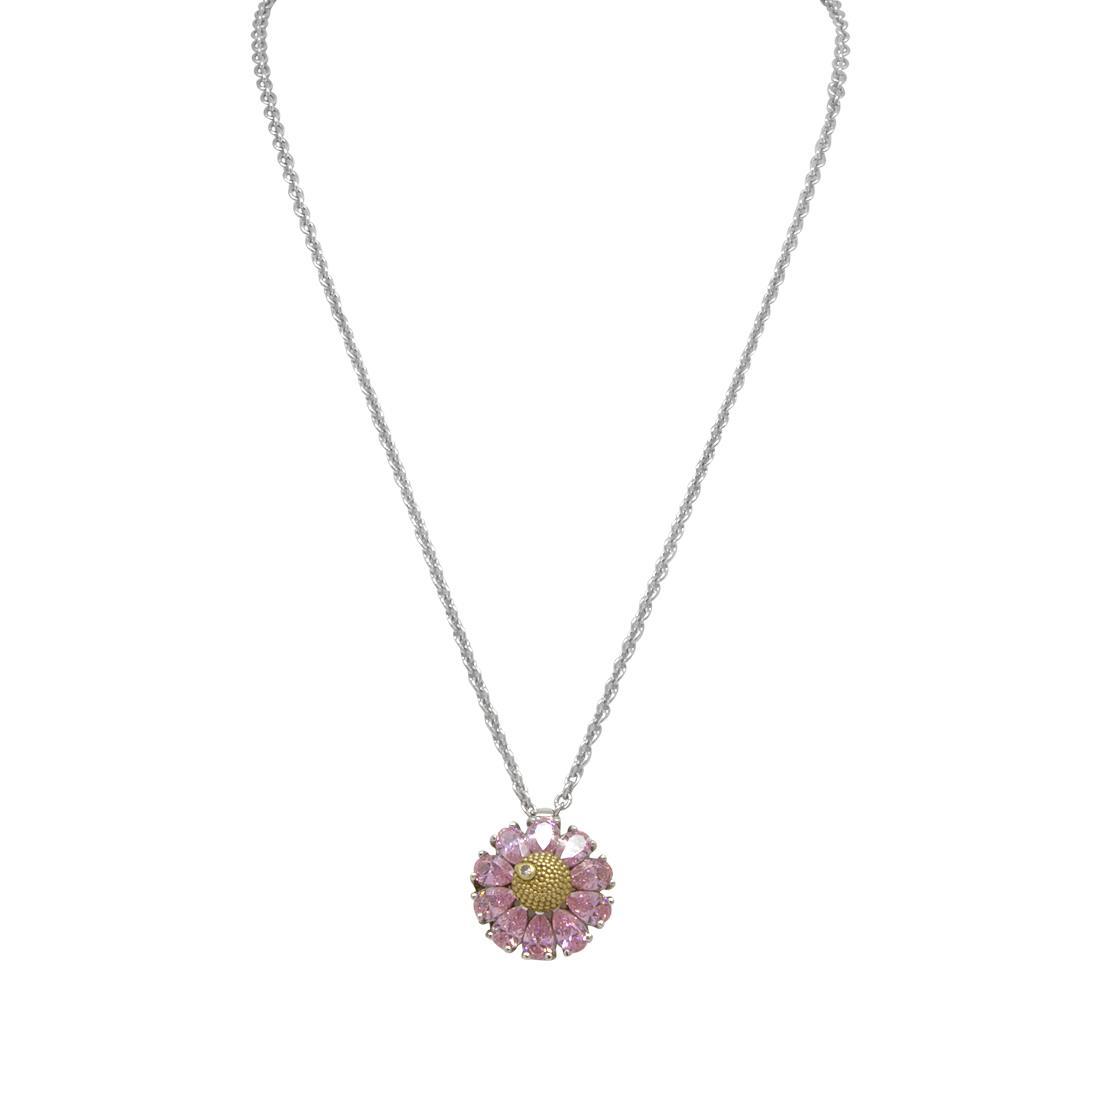 Collana con piccolo ciondolo a margherita in argento e zirconi rosa ct 0.61, lunghezza 40-43 cm + pendente 1 cm - ROBERTO DEMEGLIO